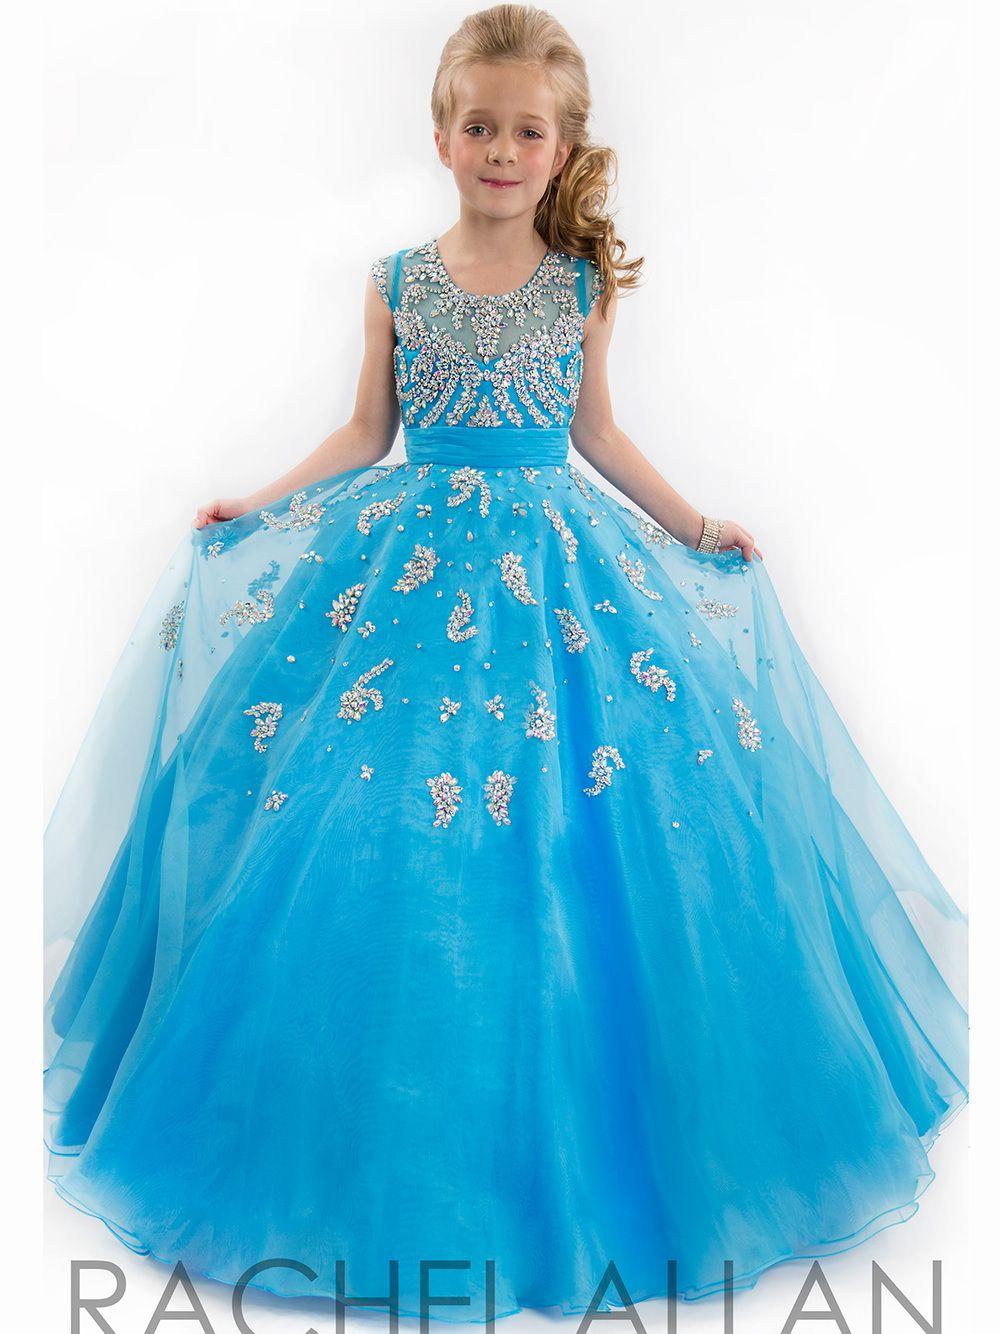 Long pageant dresses size 8 | Bam | Pinterest | Pageants